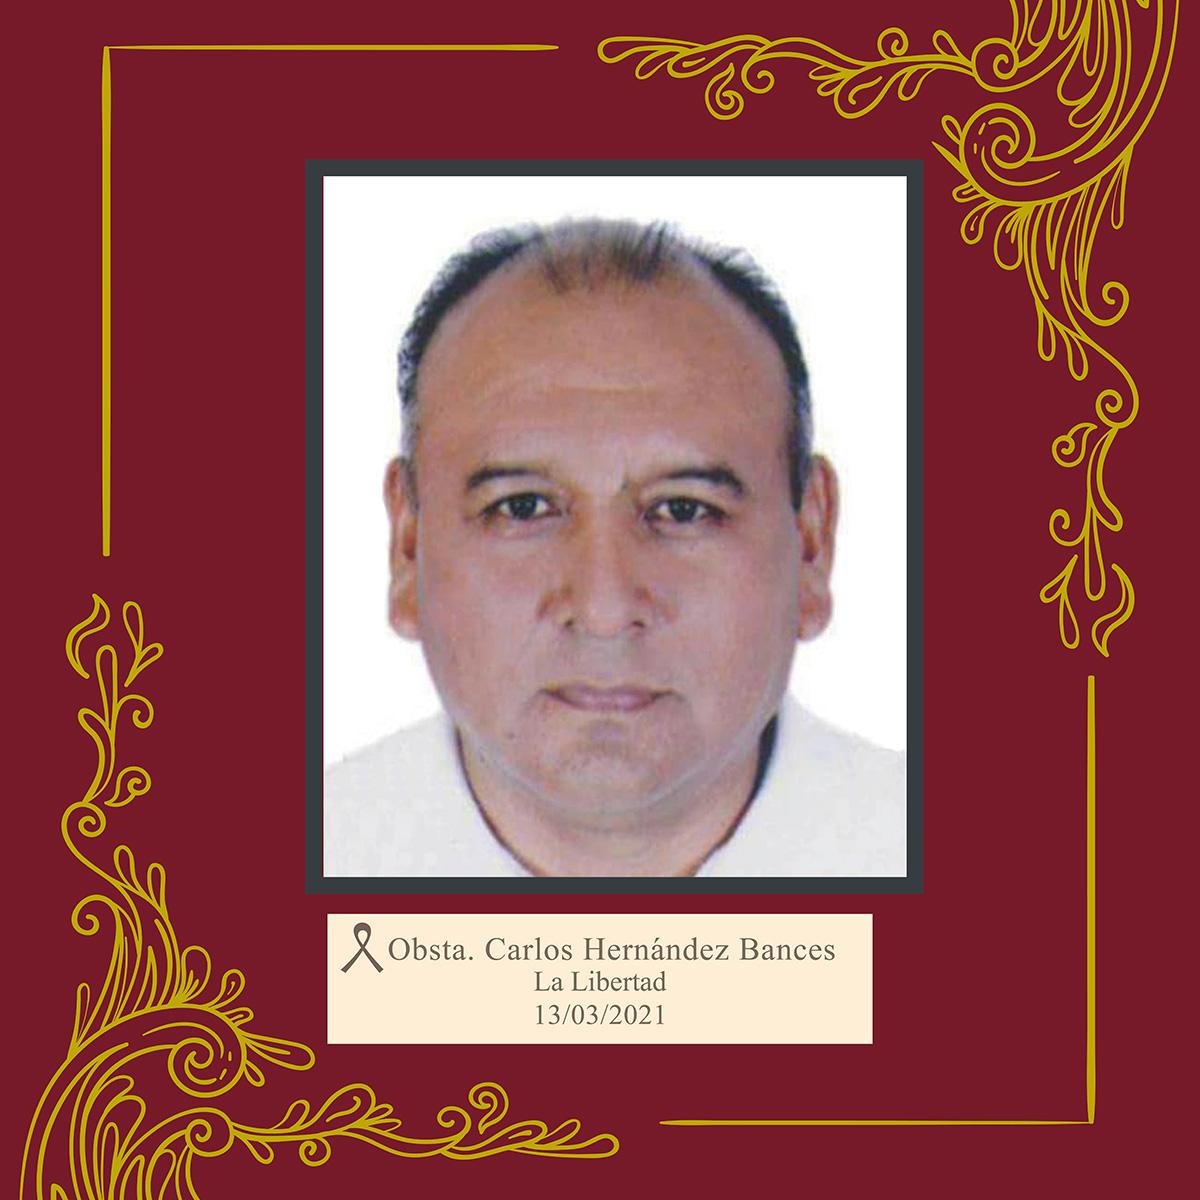 Carlos Hernández Bances